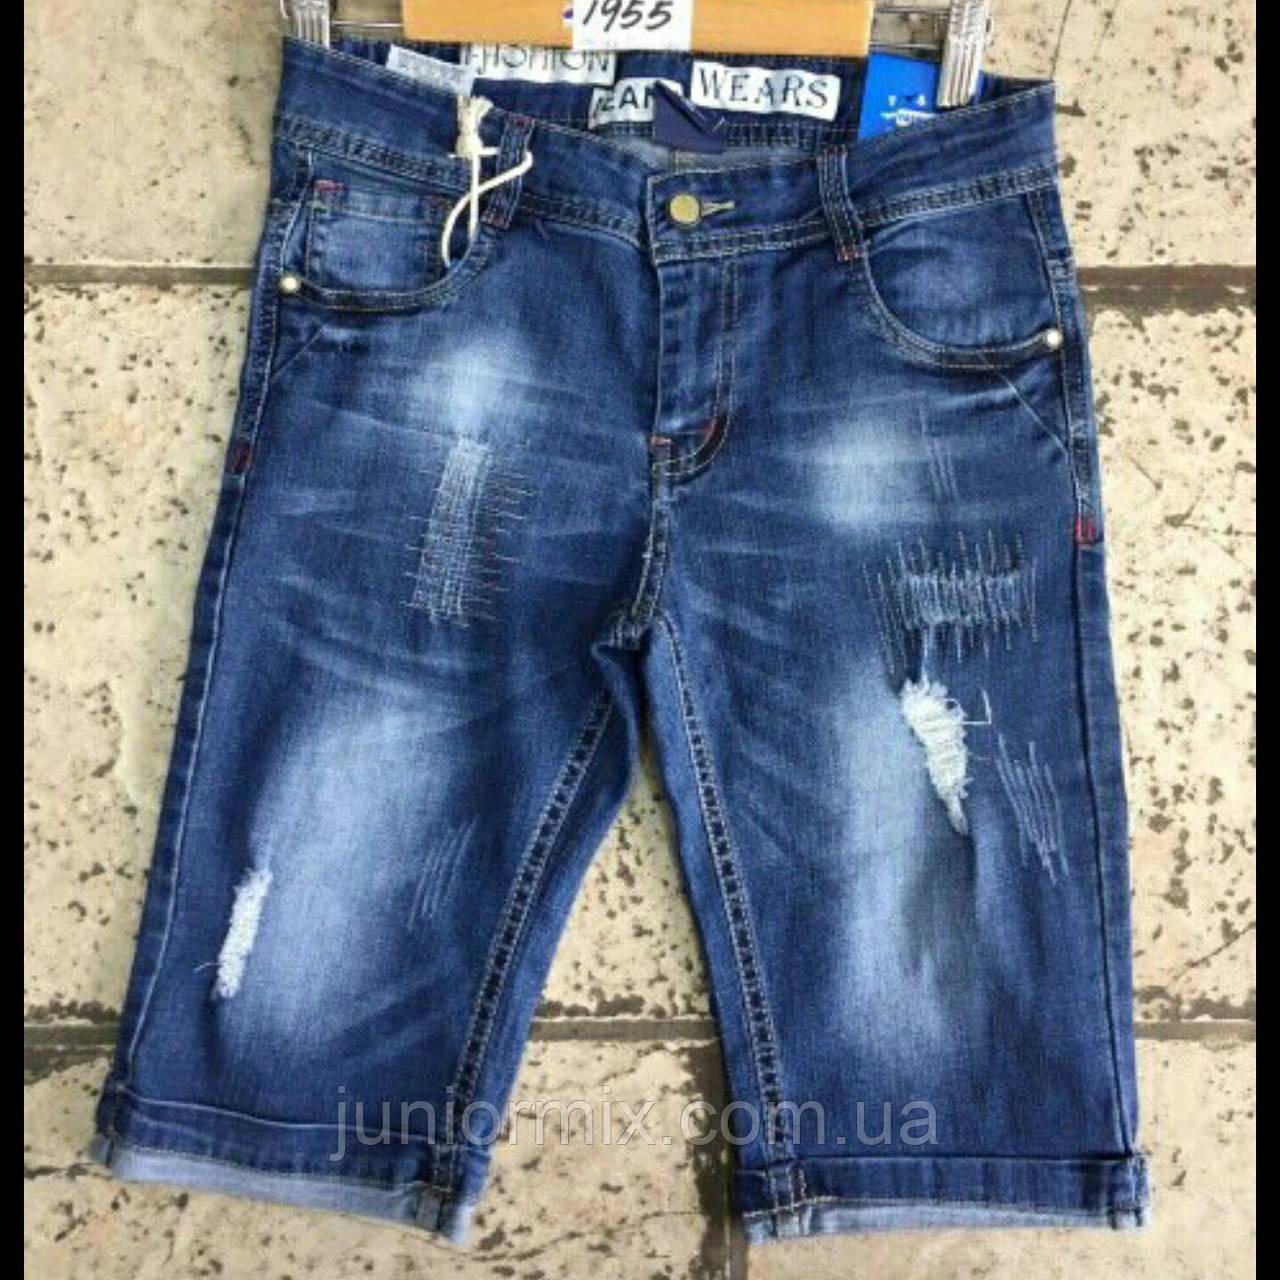 Бриджи джинсовые на мальчика подростка FD